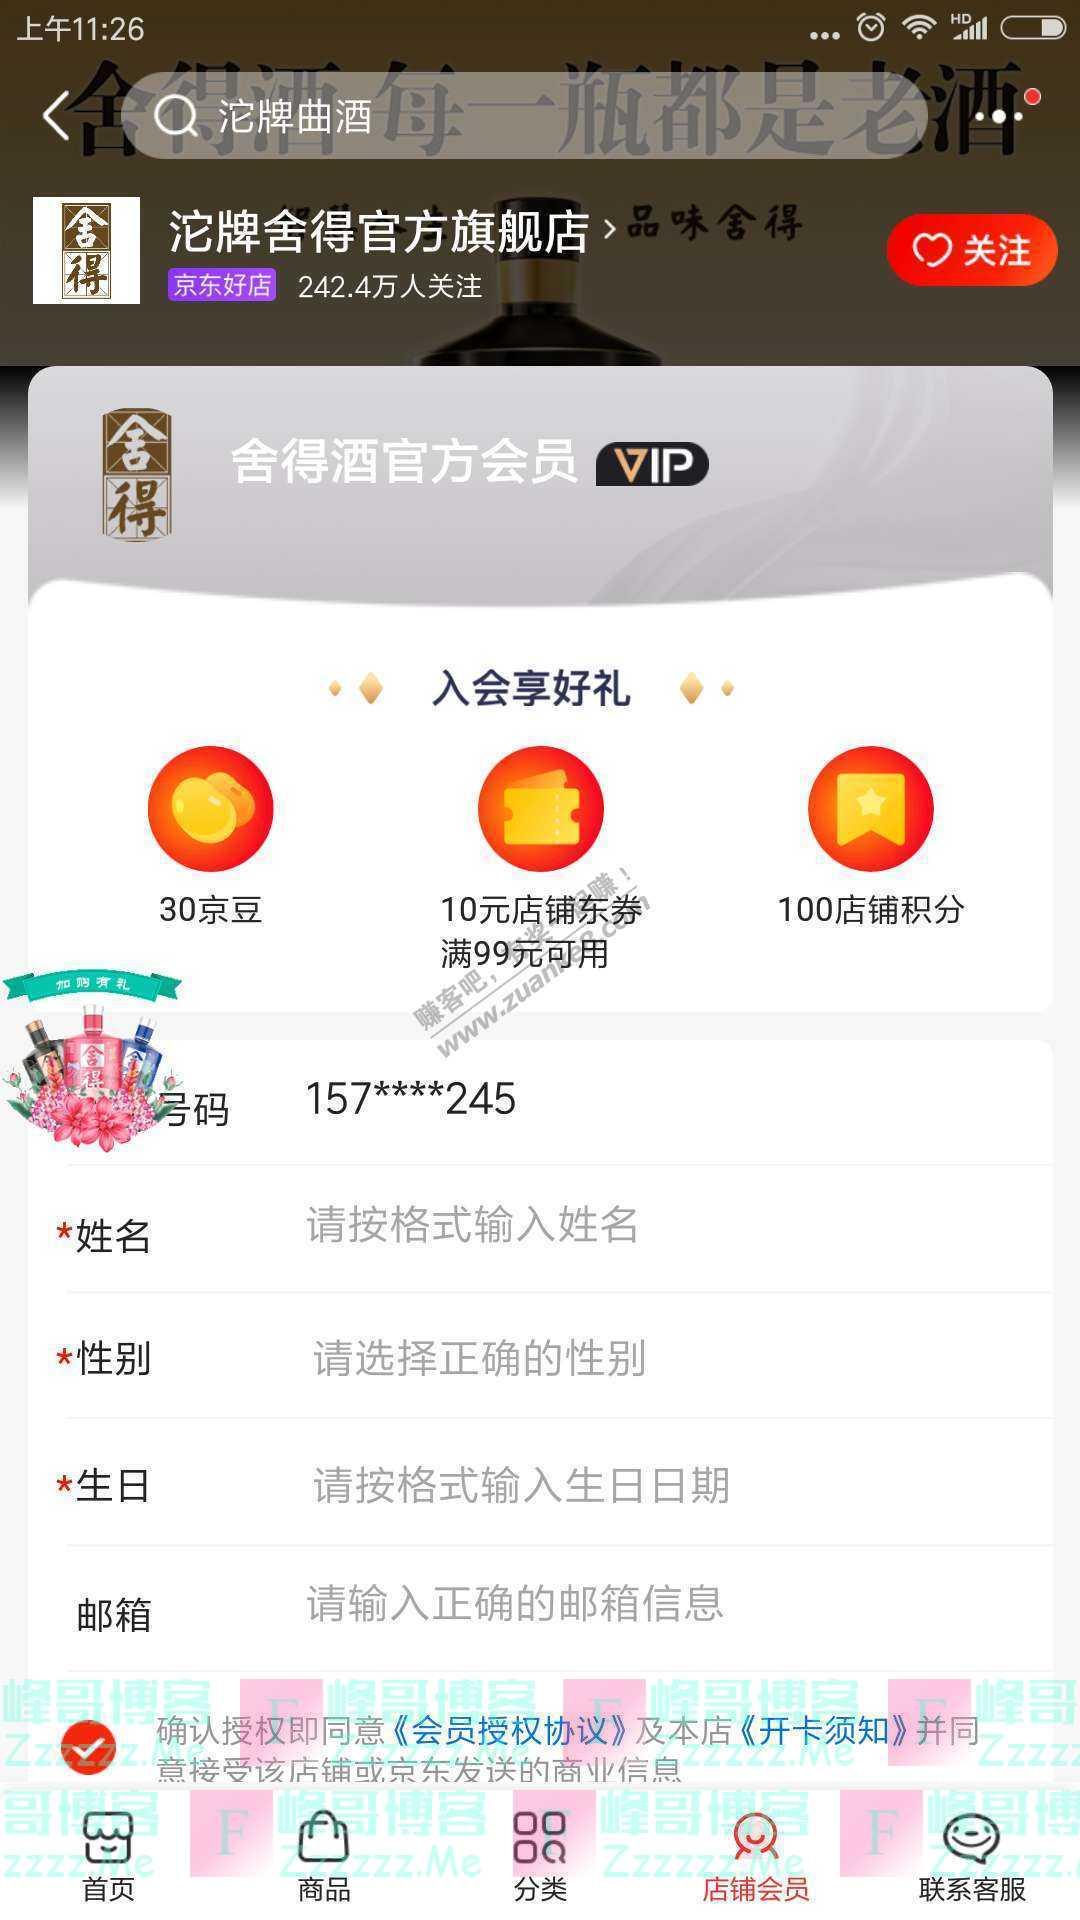 京东app沱牌舍得官方旗舰店 入会享好礼(截止不详)